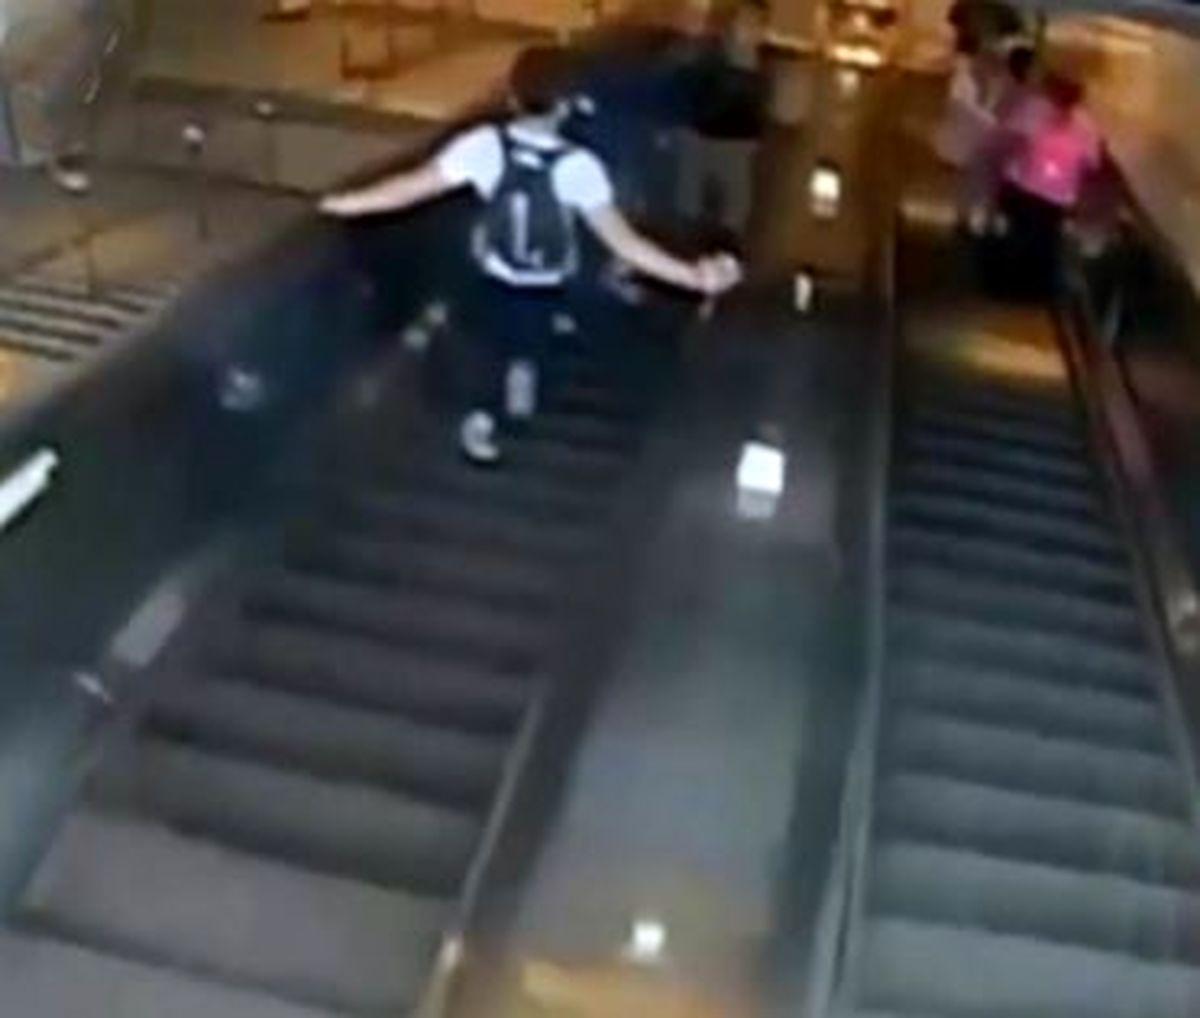 پرت کردن وحشیانه زن از پله های مترو توسط مرد جوان + فیلم